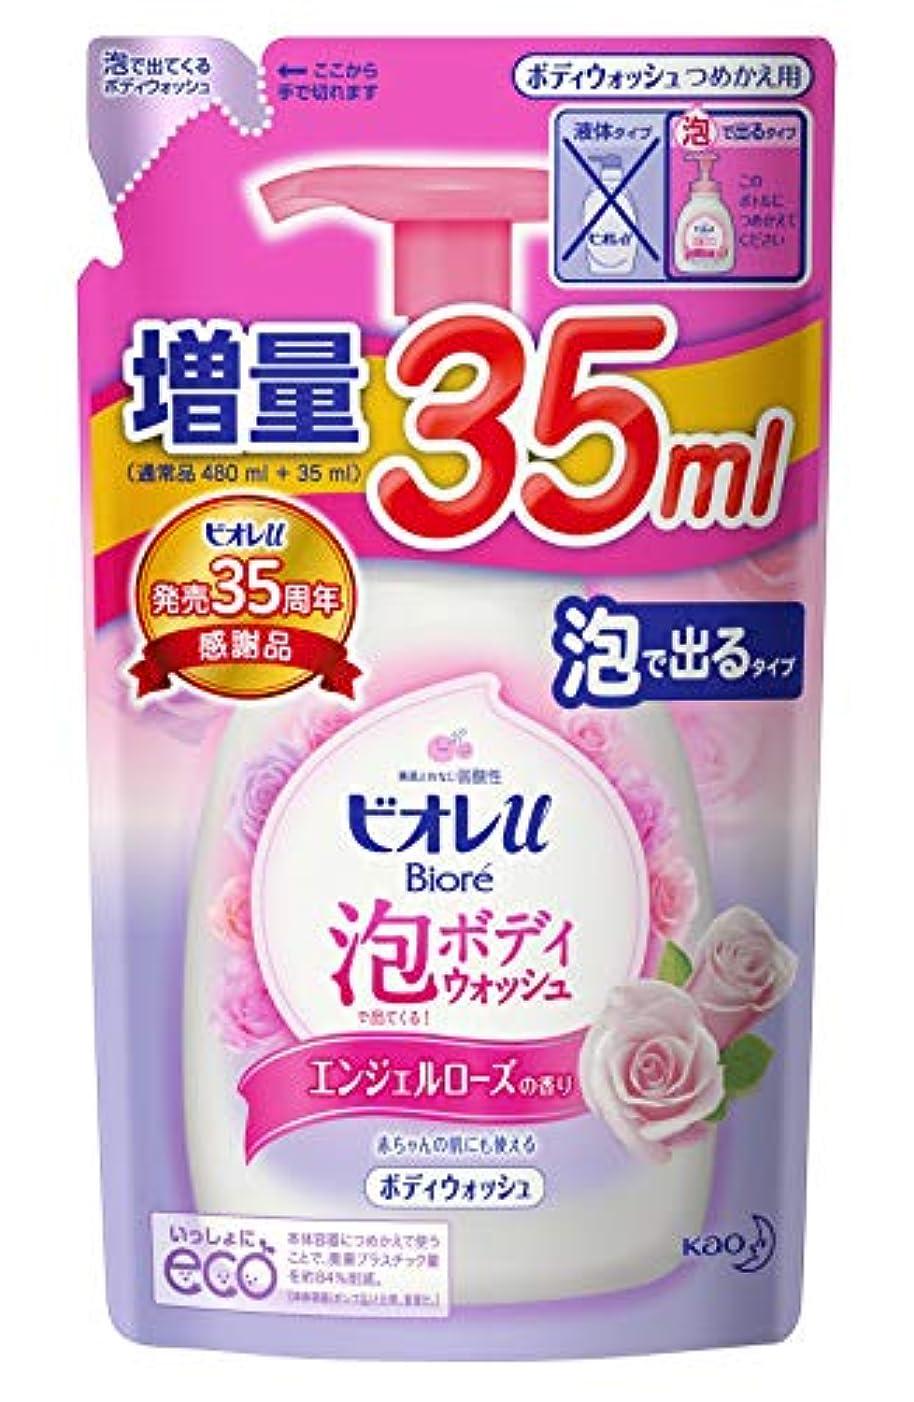 空白救出スライスビオレu 泡で出てくるボディウォッシュ エンジェルローズの香り つめかえ用 515ml(通常480ml+35ml)